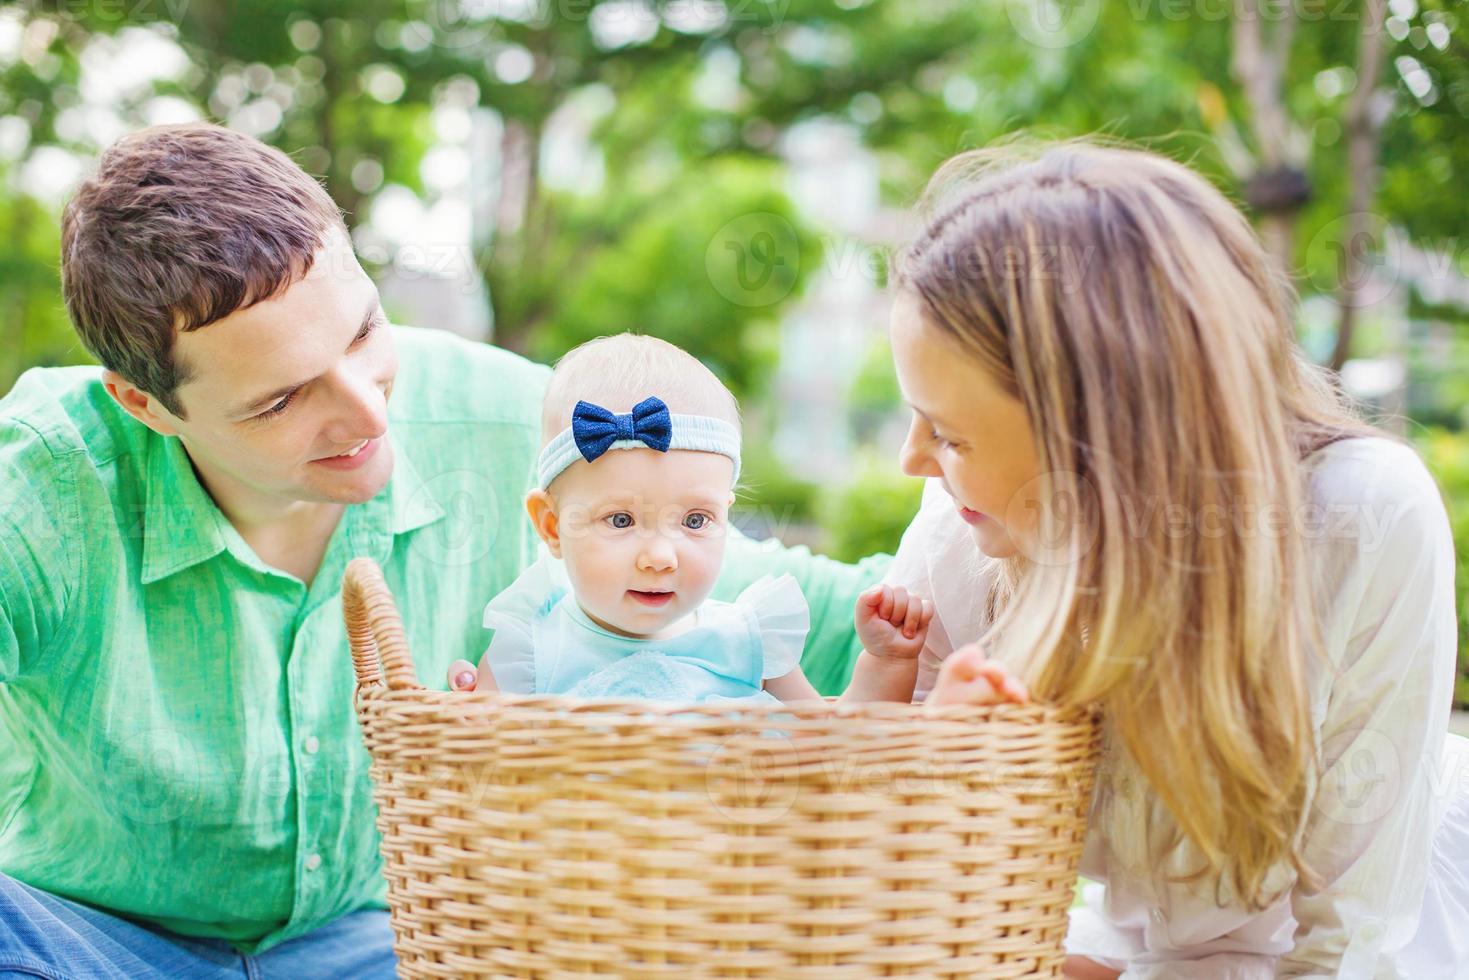 coppia felice con il loro bambino in un cesto della biancheria foto